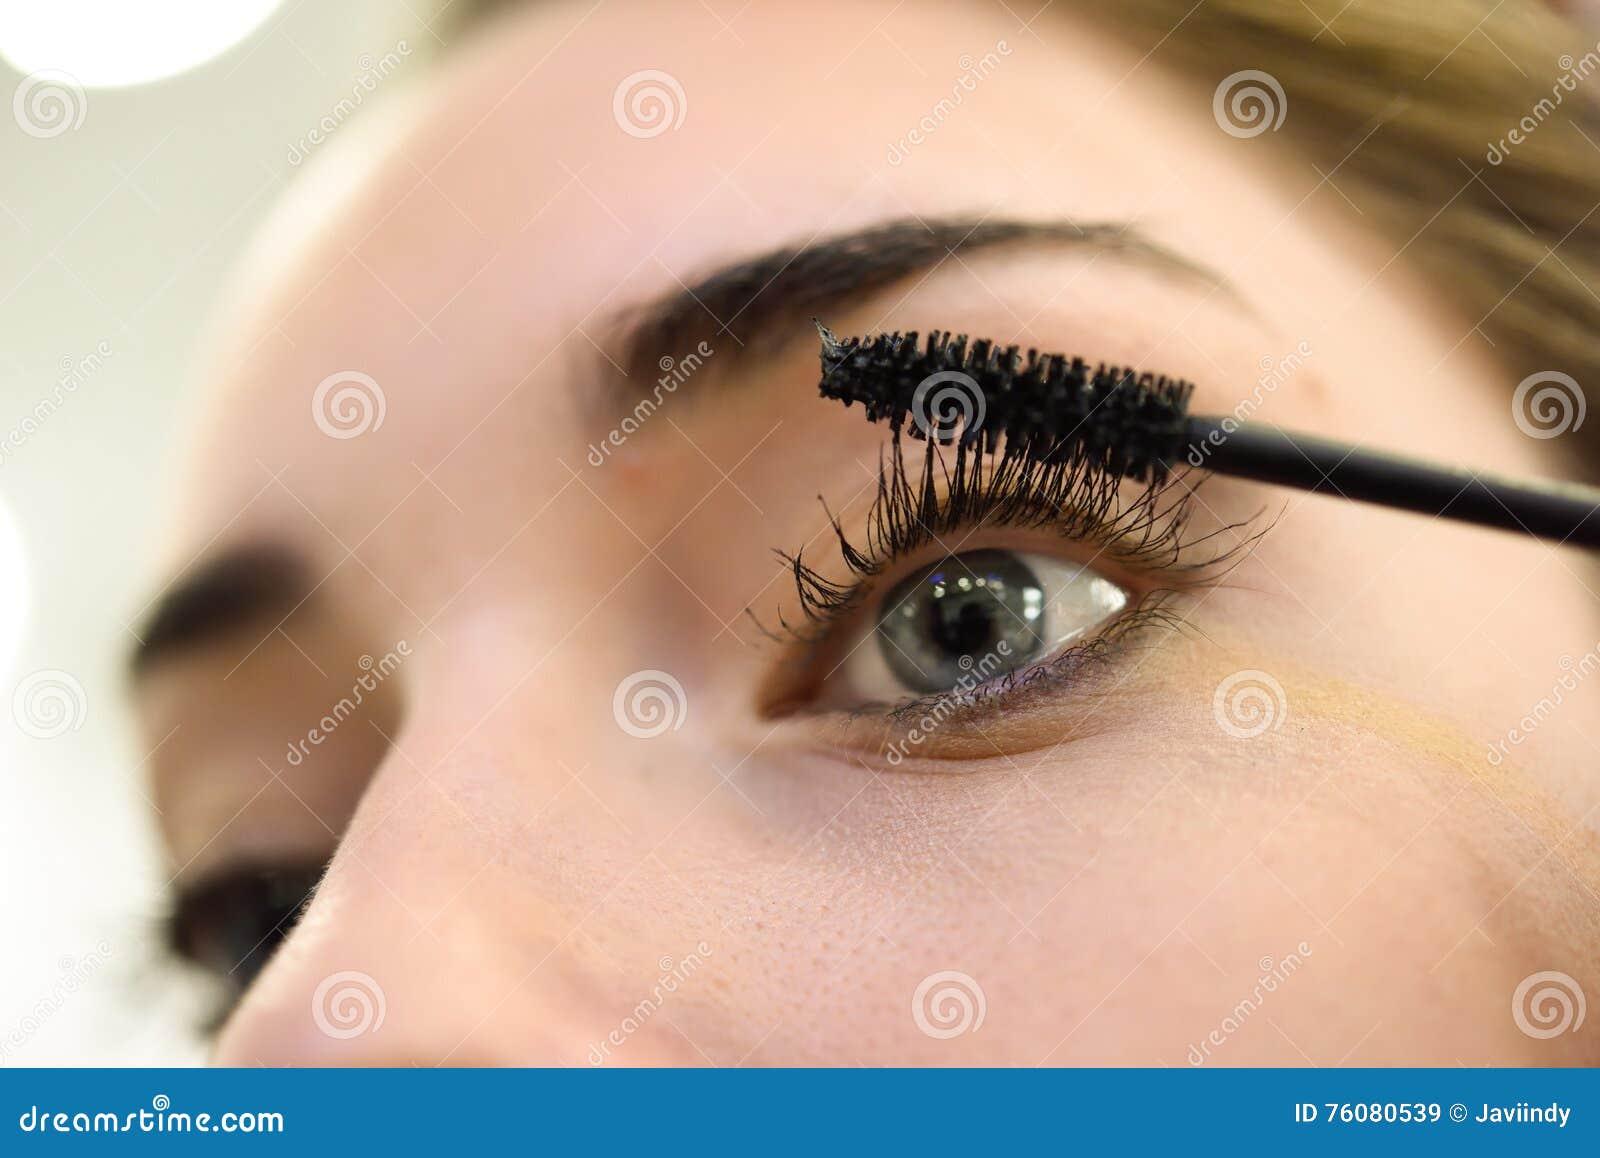 Maquillage Application du mascara Longs cils et yeux bleus